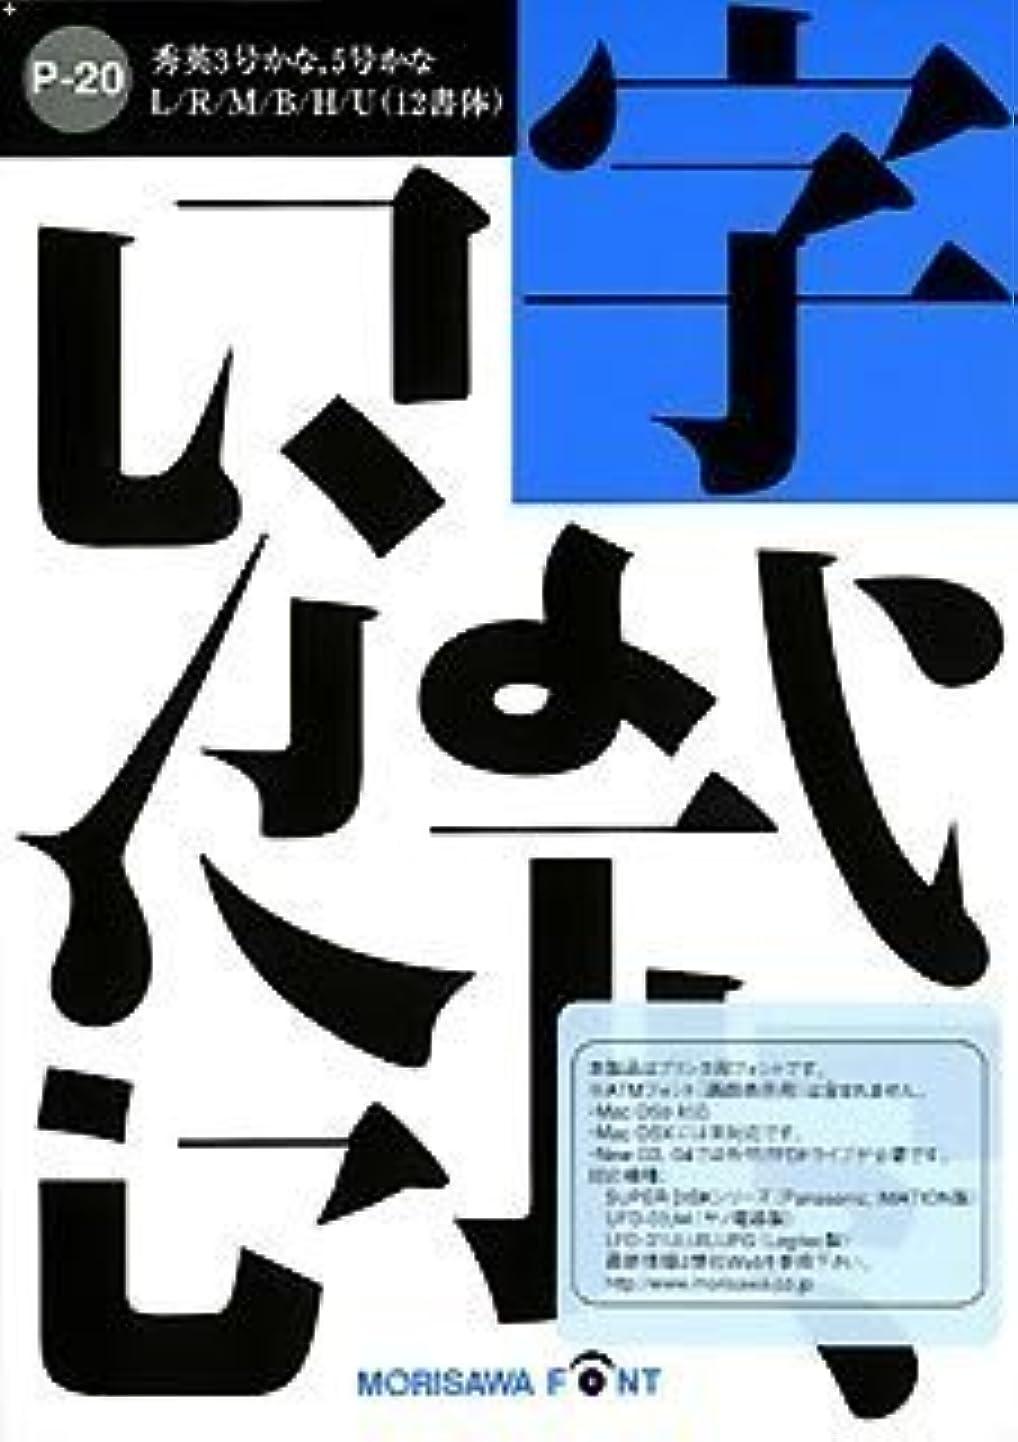 NewCIDパックフォントパッケージ Pack 20 秀英3号かな L/R/M/B/H/U 、秀英5号かな L/R/M/B/H/U 12書体 低解像度用